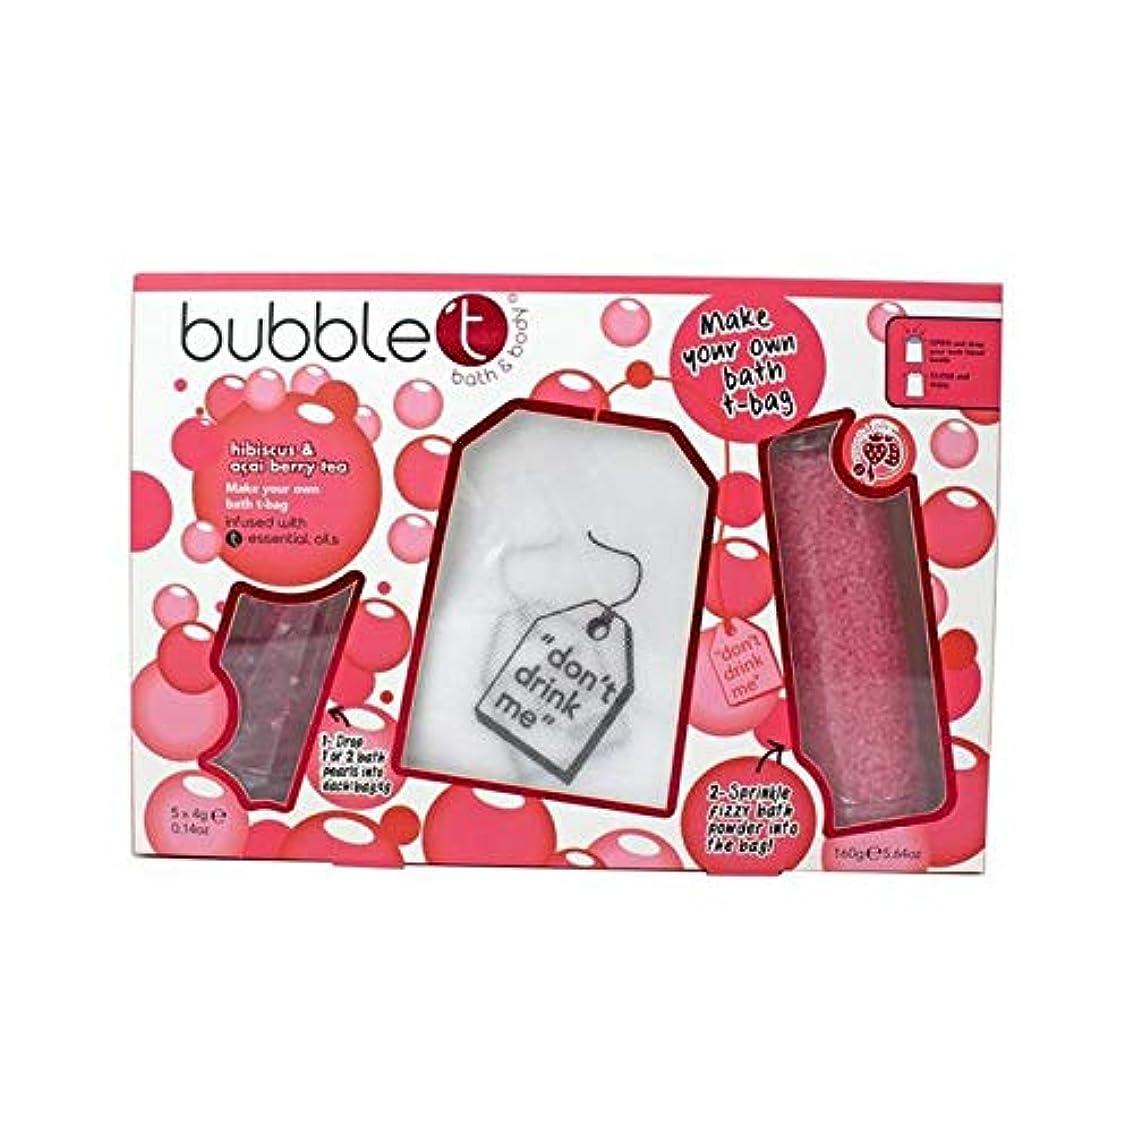 感嘆符肖像画ケイ素[BUBBLE T] バブルTは、独自のバスティーバッグ260グラムを作ります - Bubble T Make Your Own Bath Tea Bag 260g [並行輸入品]